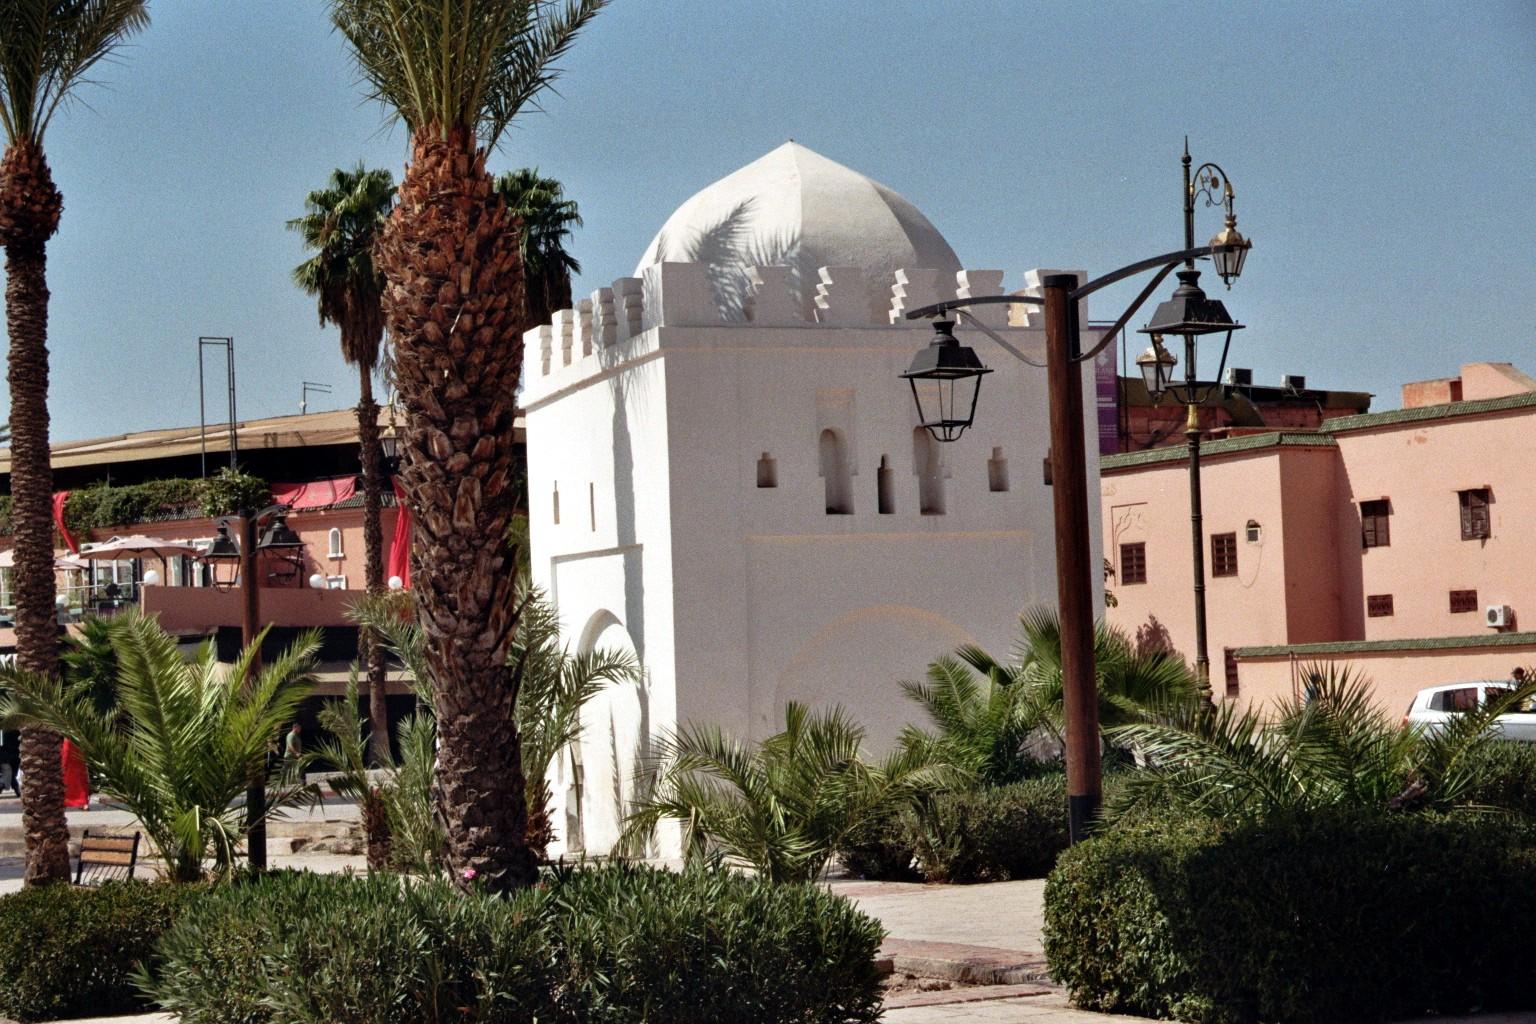 In Marrakesch